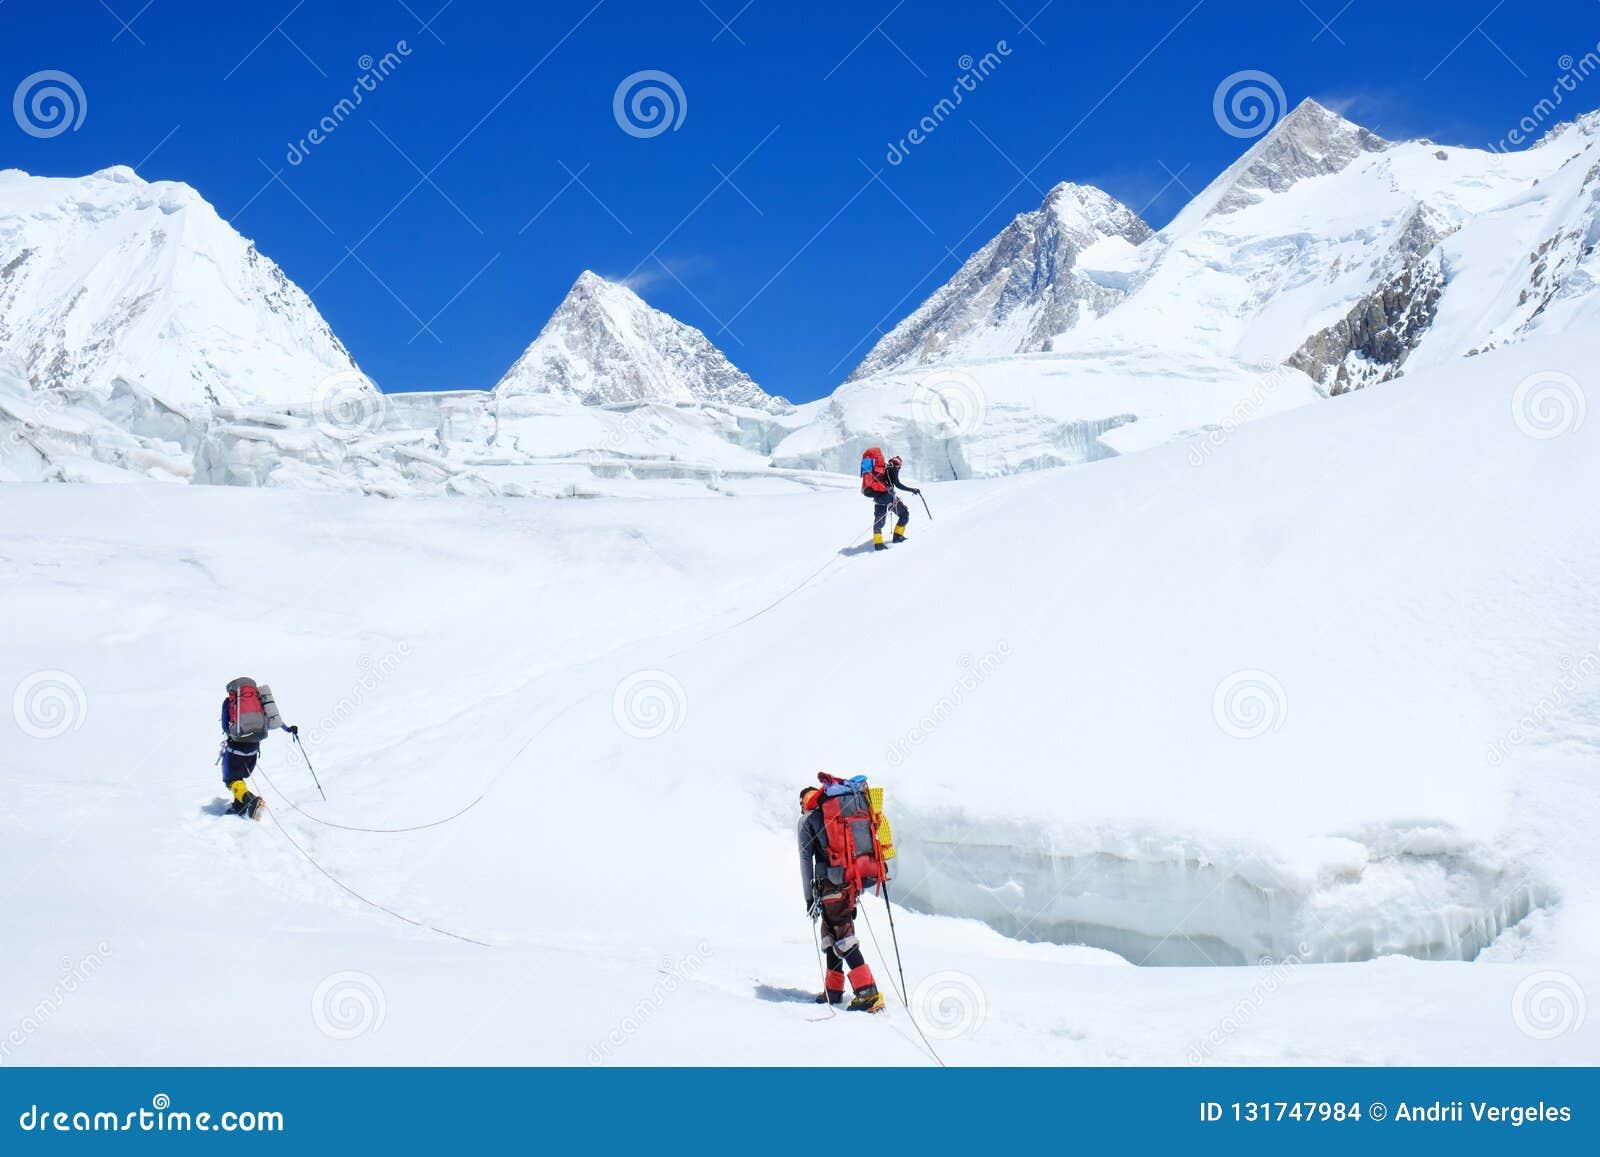 Bergsteiger reache der Gipfel der Bergspitze Bergsteiger drei auf dem Gletscher Erfolg, Freiheit und Glück, Leistung in den Berge